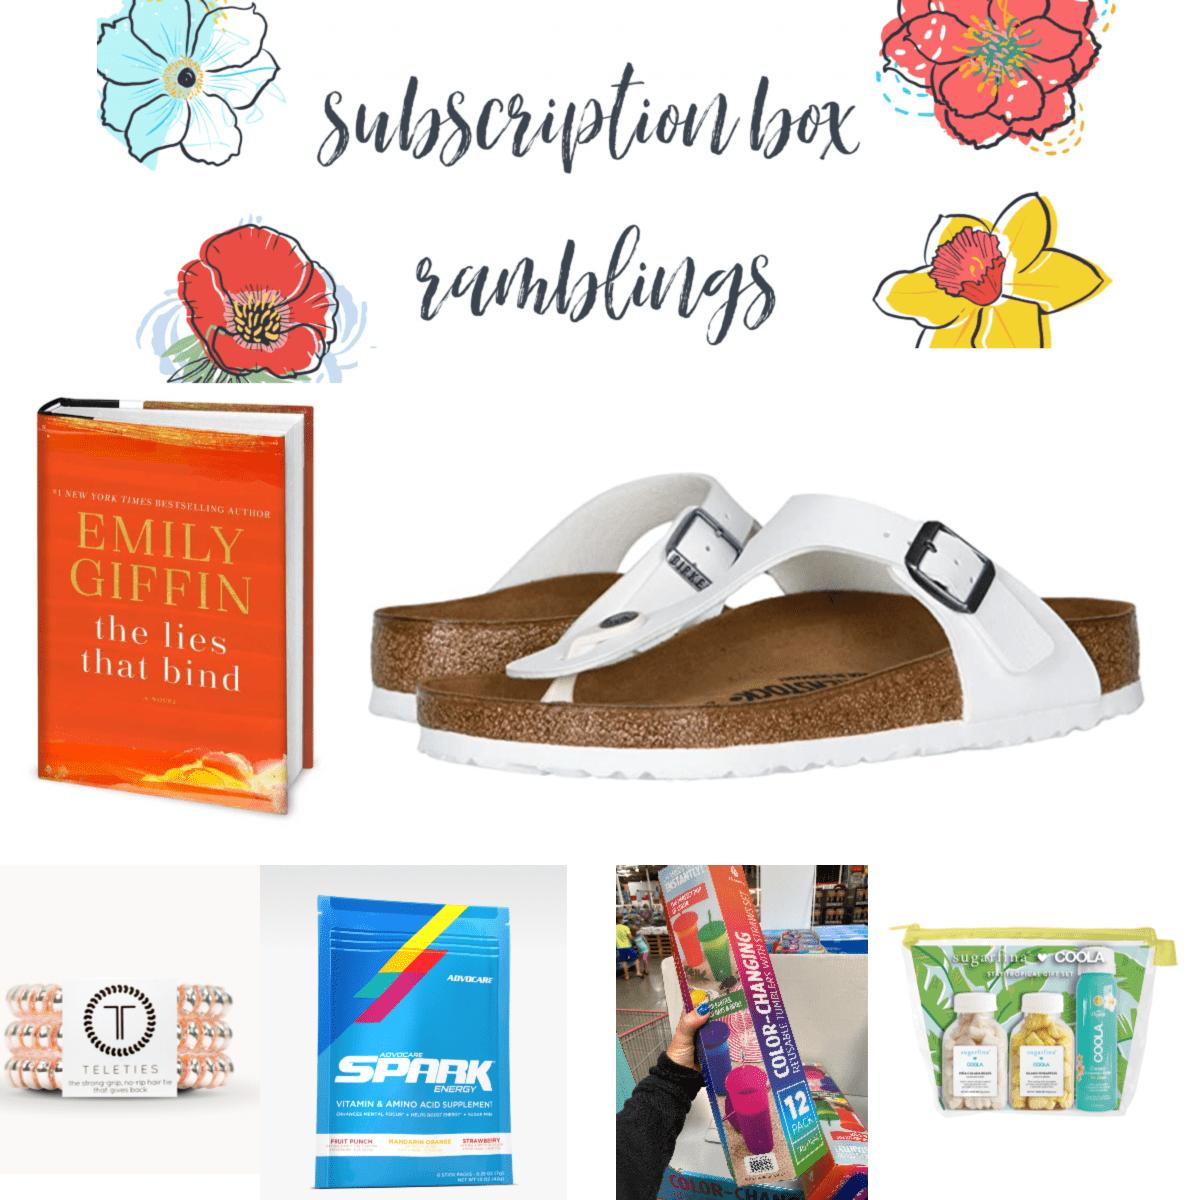 Subscription Box Ramblings Summer 2020 Giveaway!